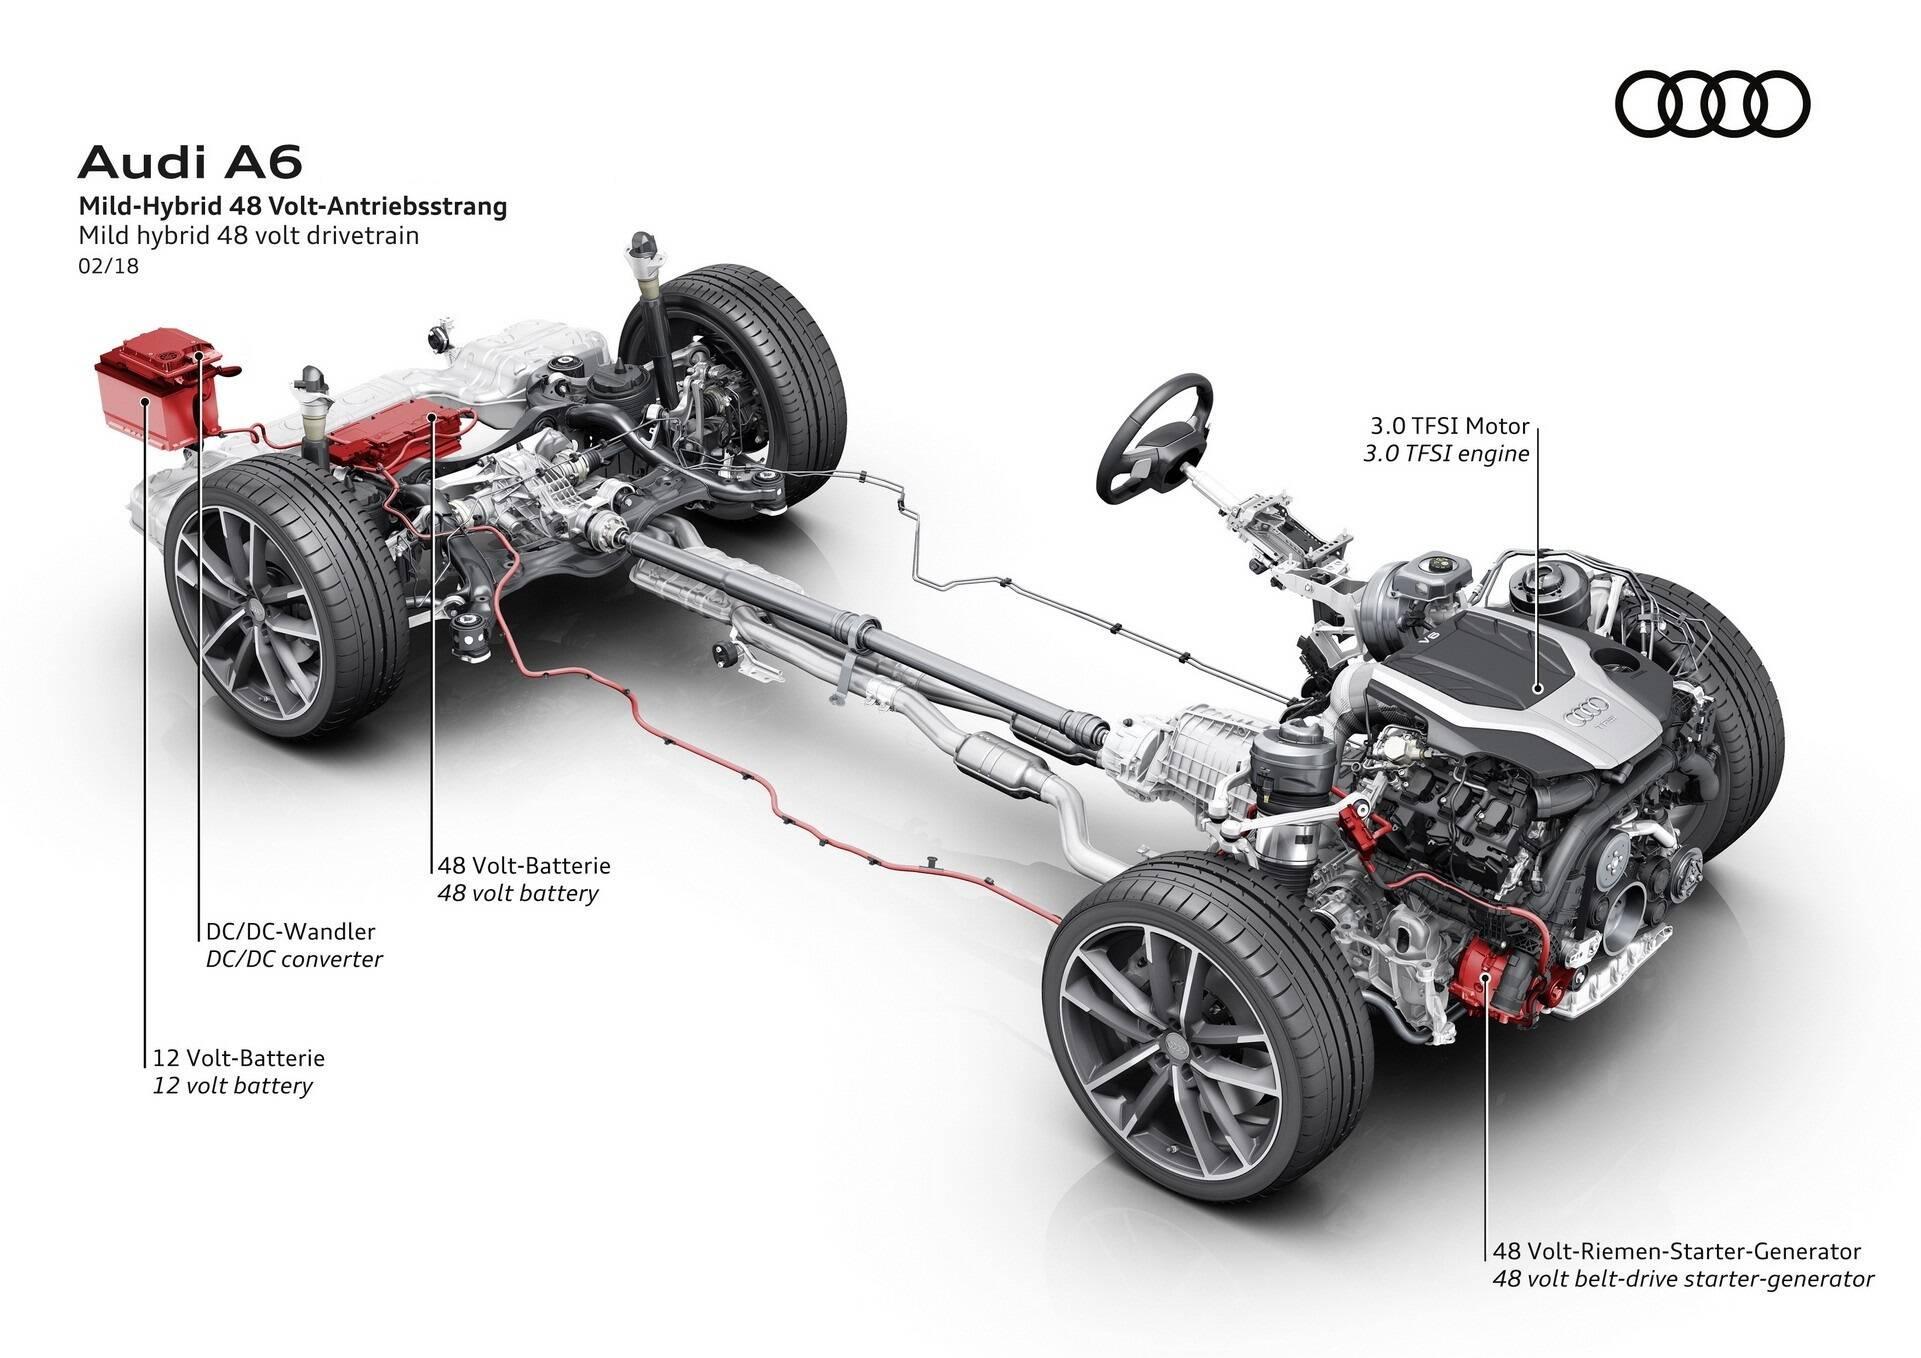 Os conjuntos mecânicos são pensados para entregar conforto, esportividade e segurança. Foto: Divulgação